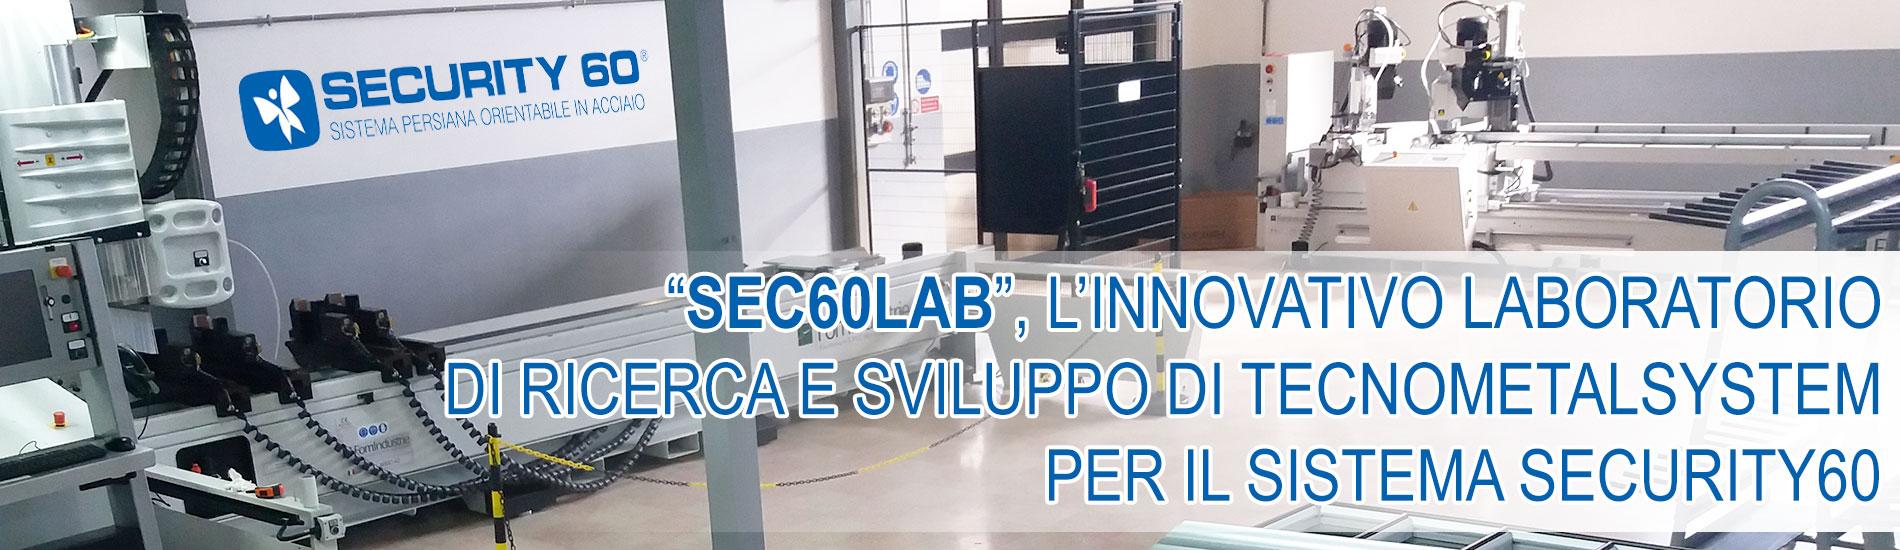 sec60lab slide